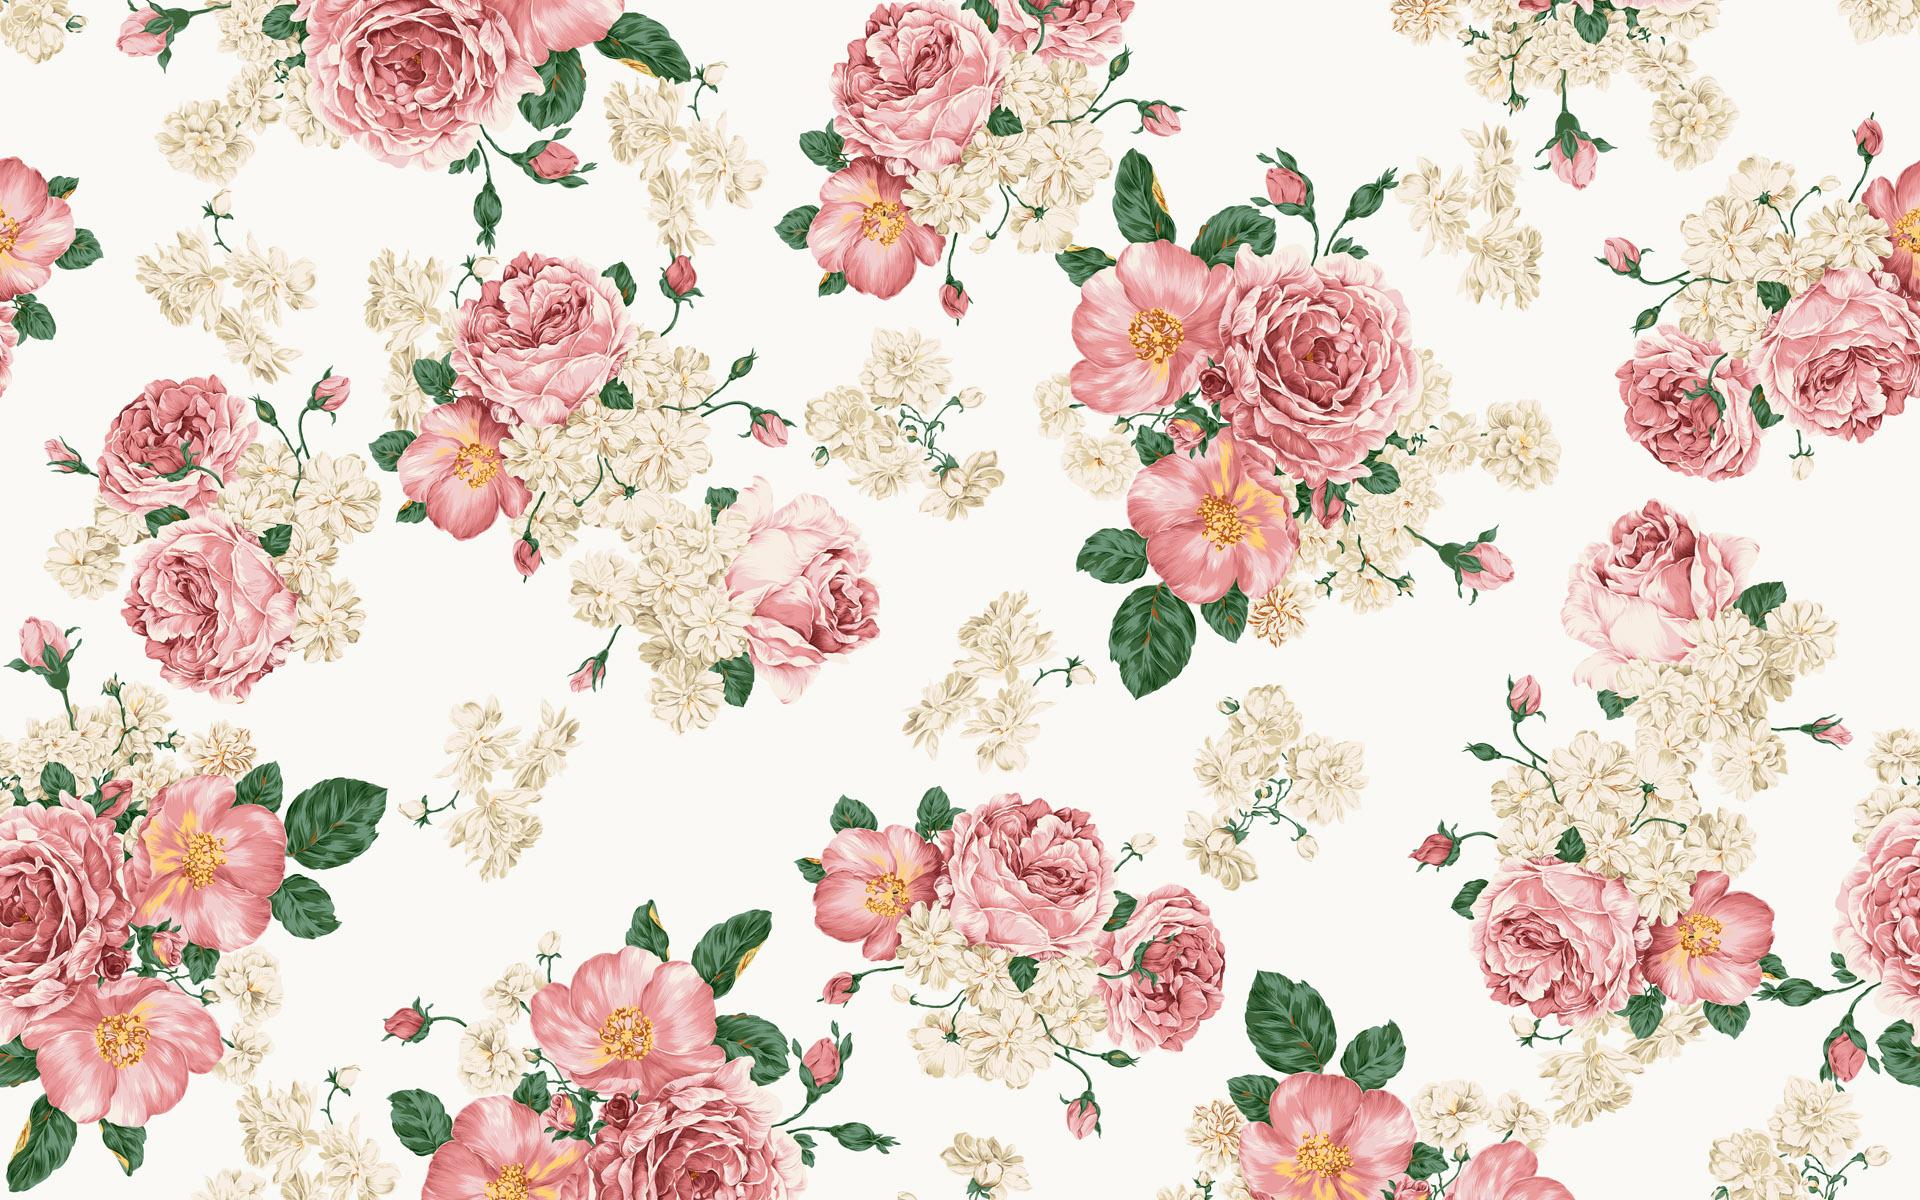 Flower Pattern Wallpaper 18967 1920x1200 px